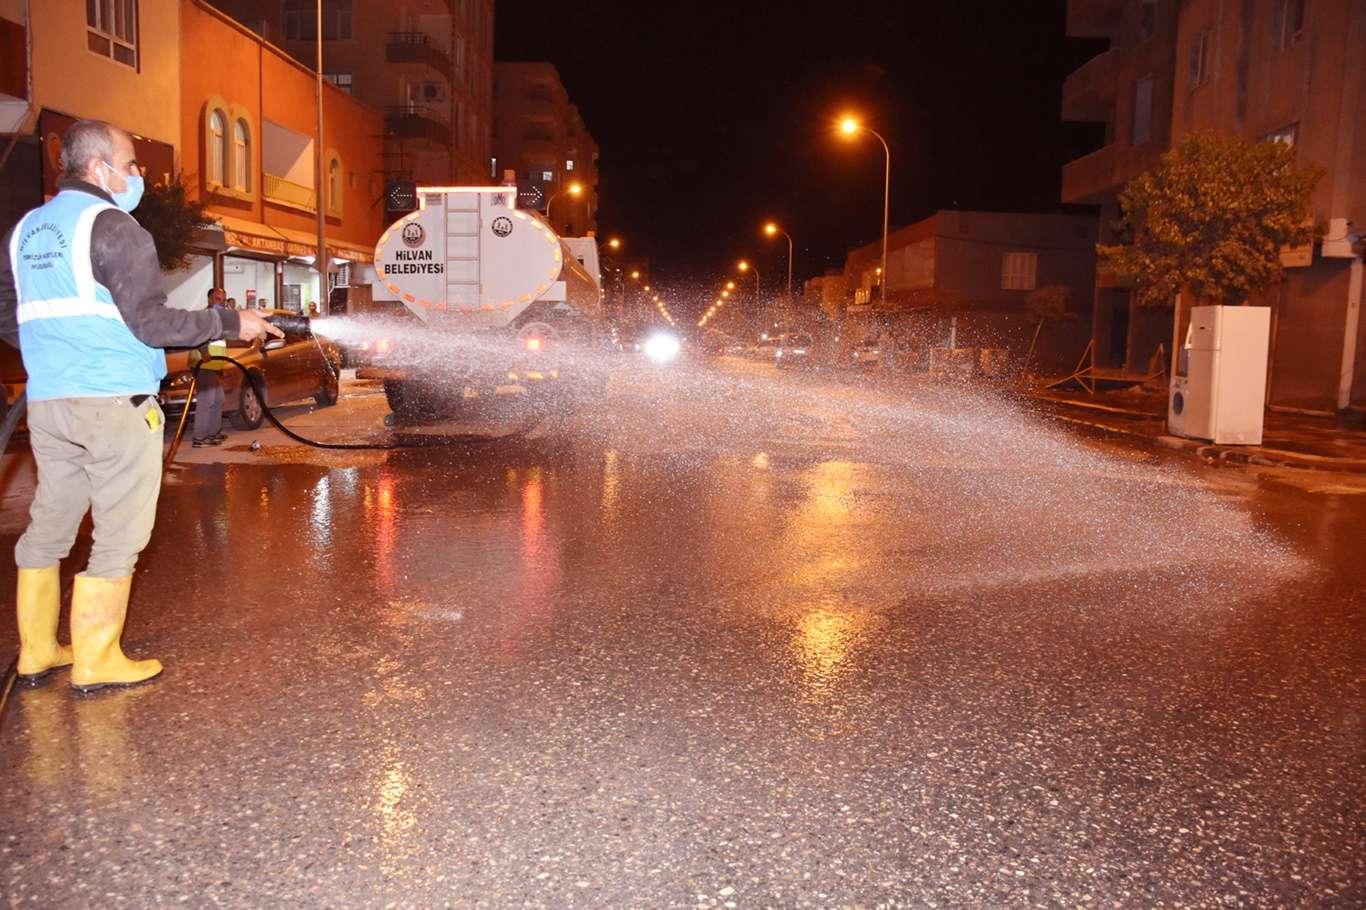 Hilvanda cadde ve sokaklar belediye ekiplerince yıkandı